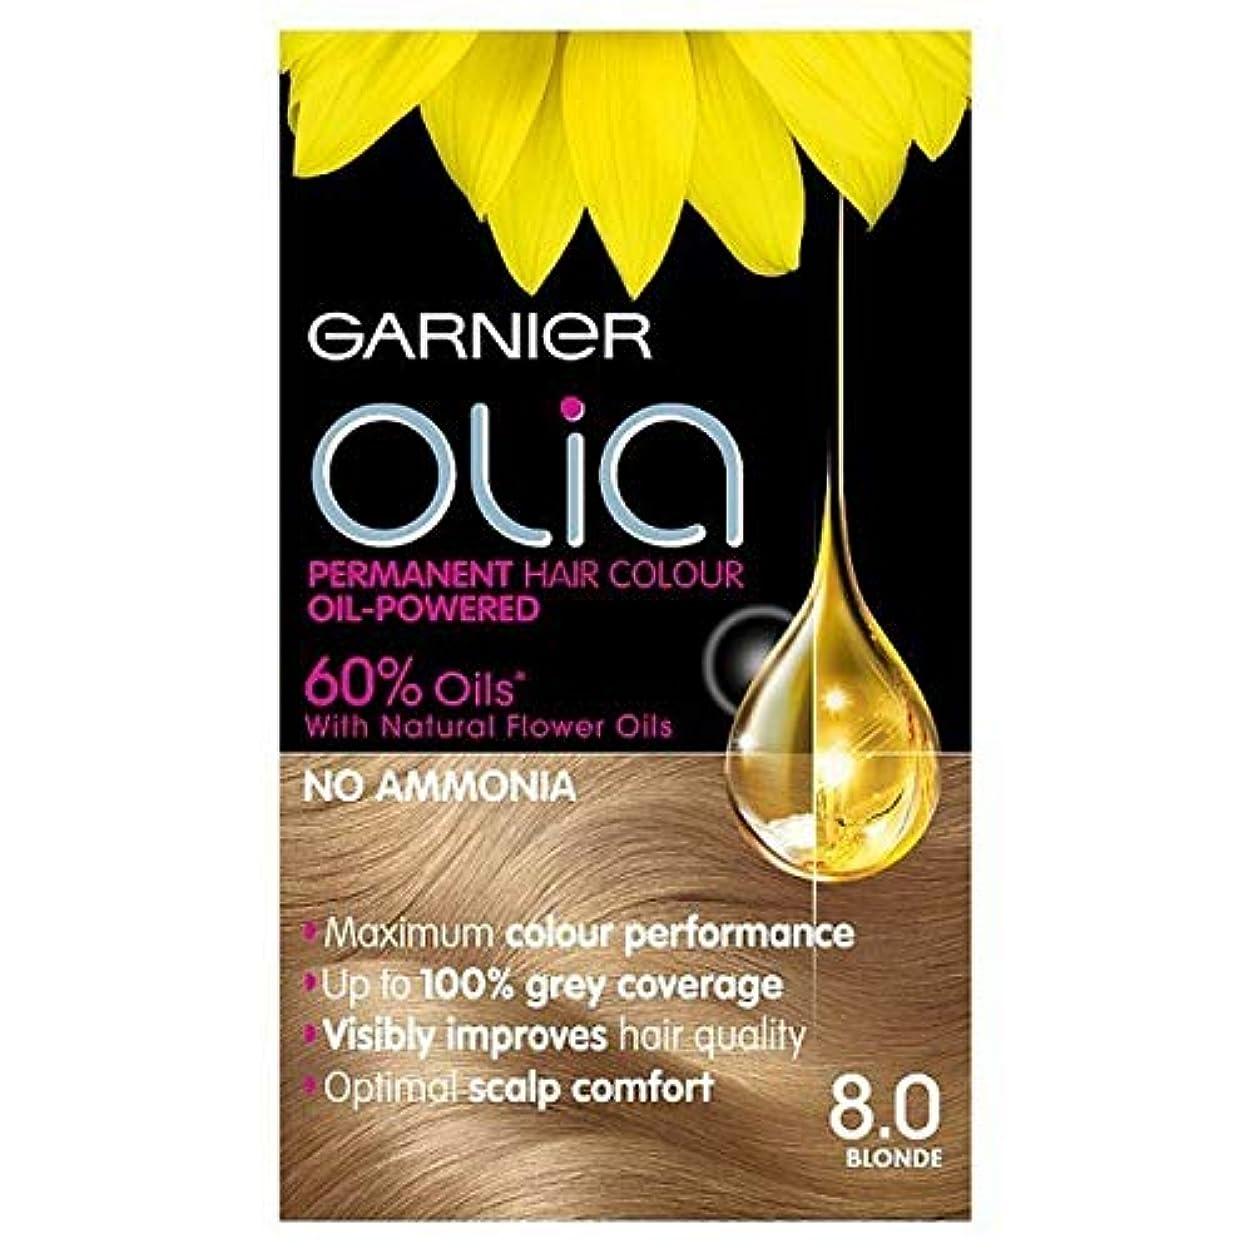 承認する許す従者[Garnier ] 8.0ブロンドガルニエOliaパーマネントヘアダイ - Garnier Olia Permanent Hair Dye Blonde 8.0 [並行輸入品]